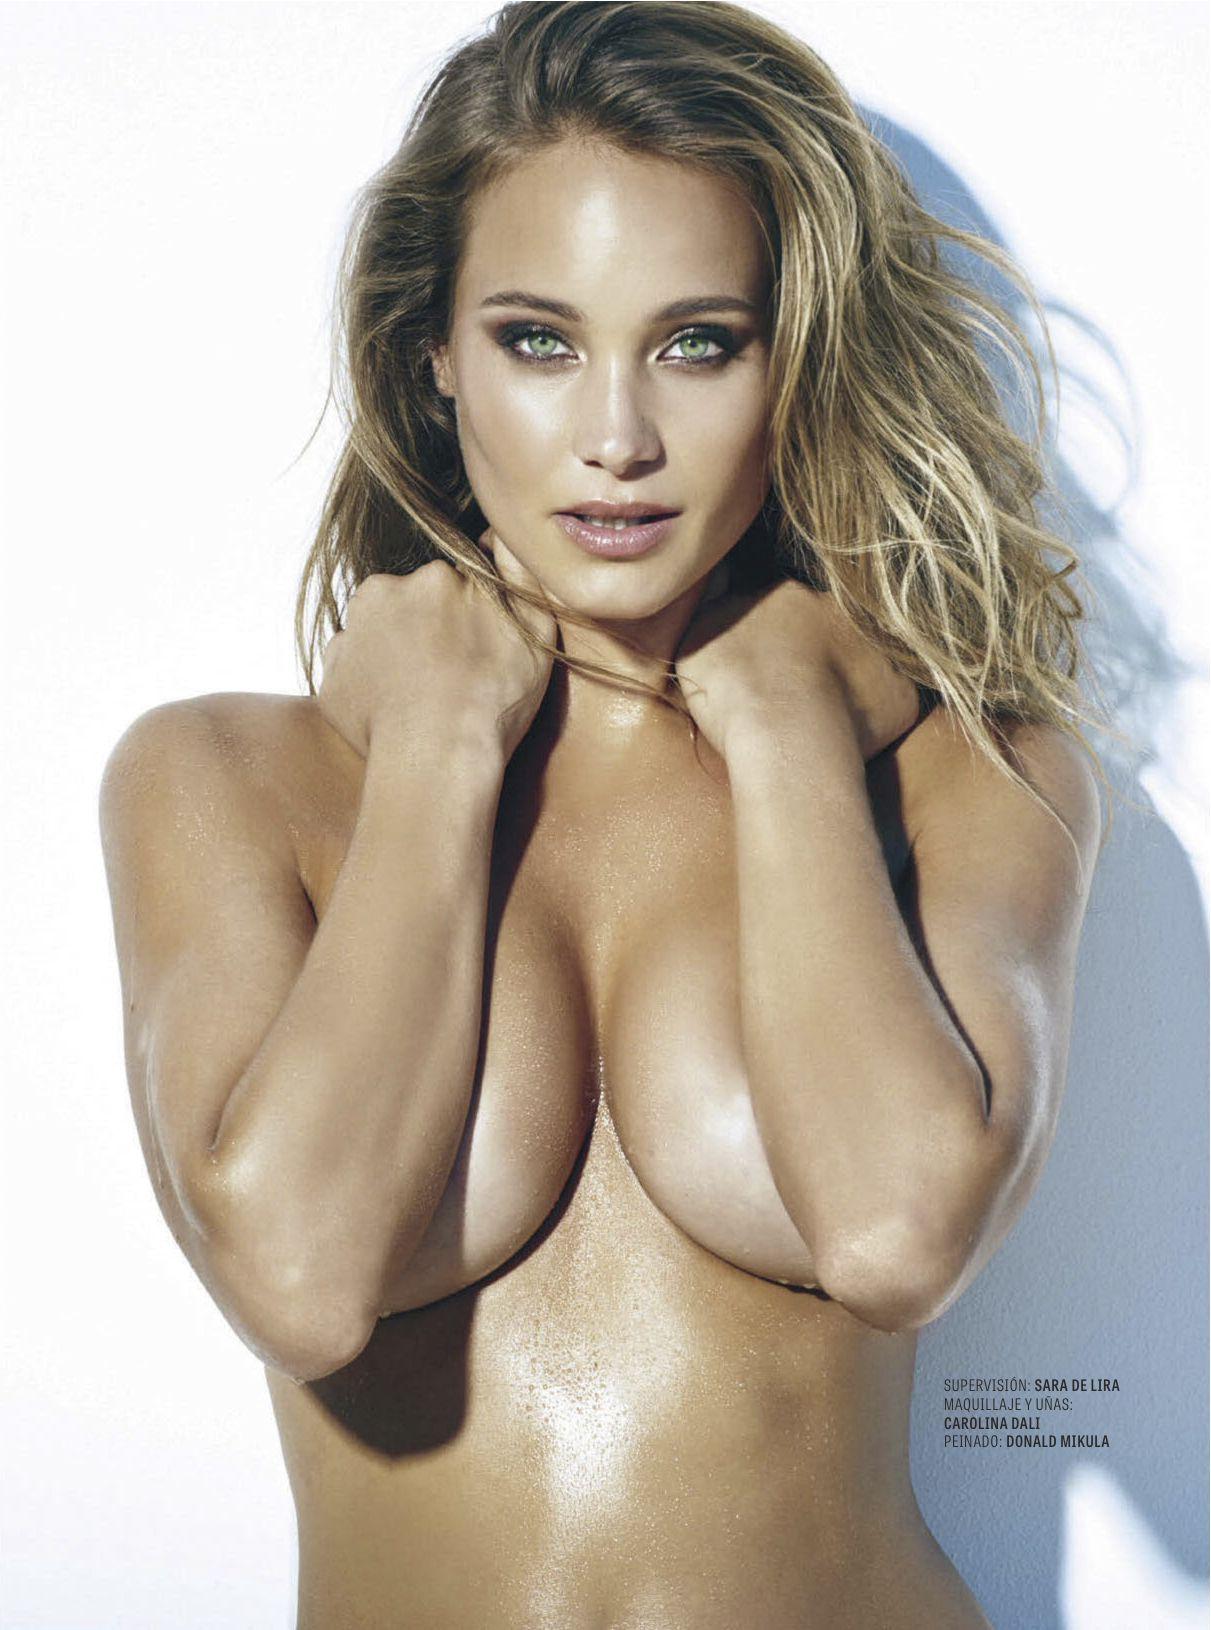 Sexy latina bent over naked